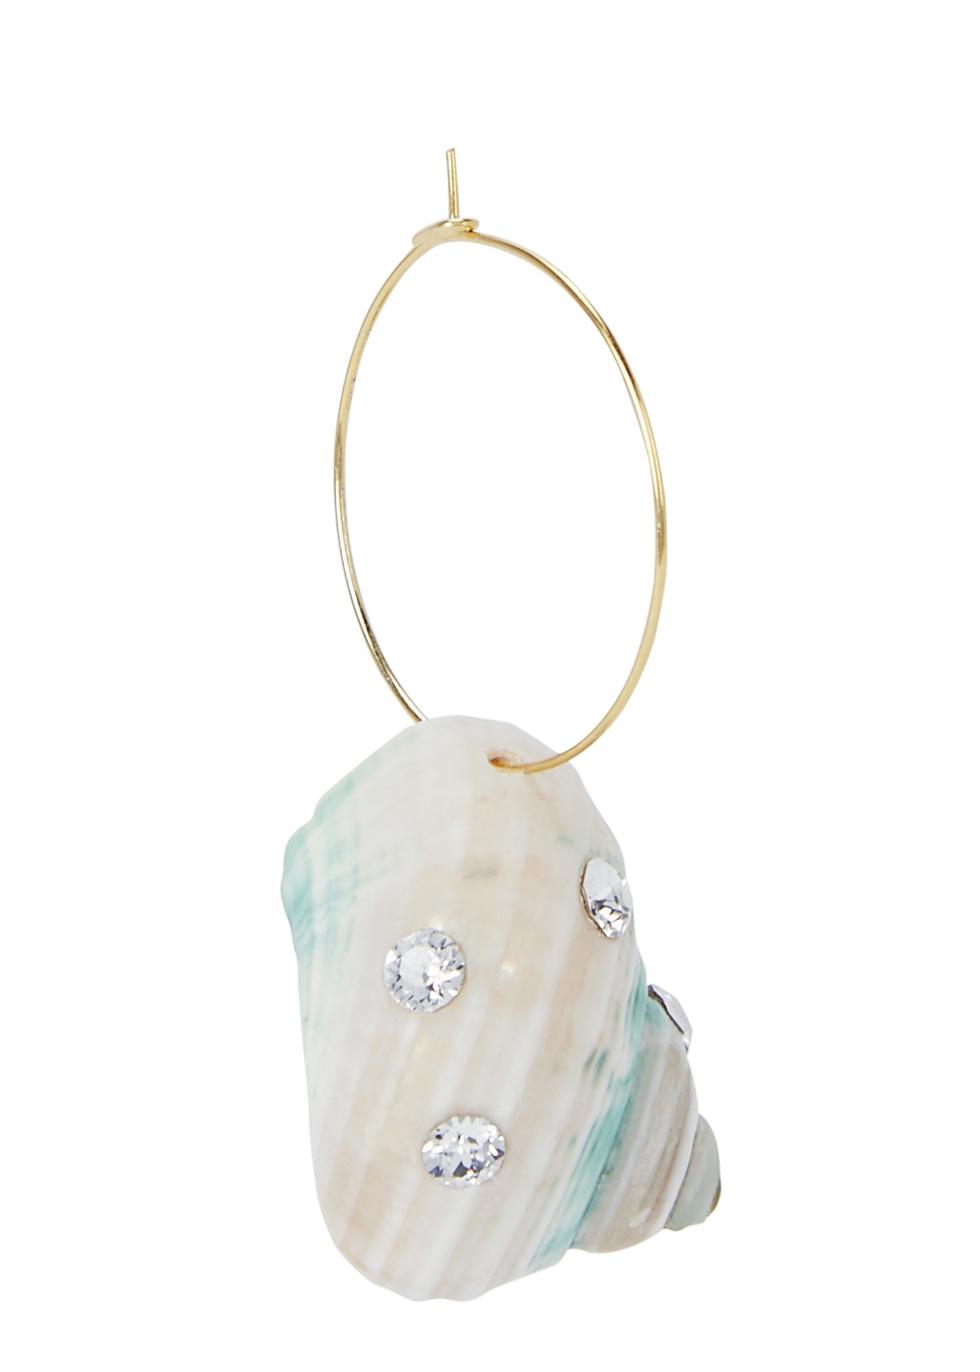 Paris Paris shell gold-plated hoop earring - WALD Berlin